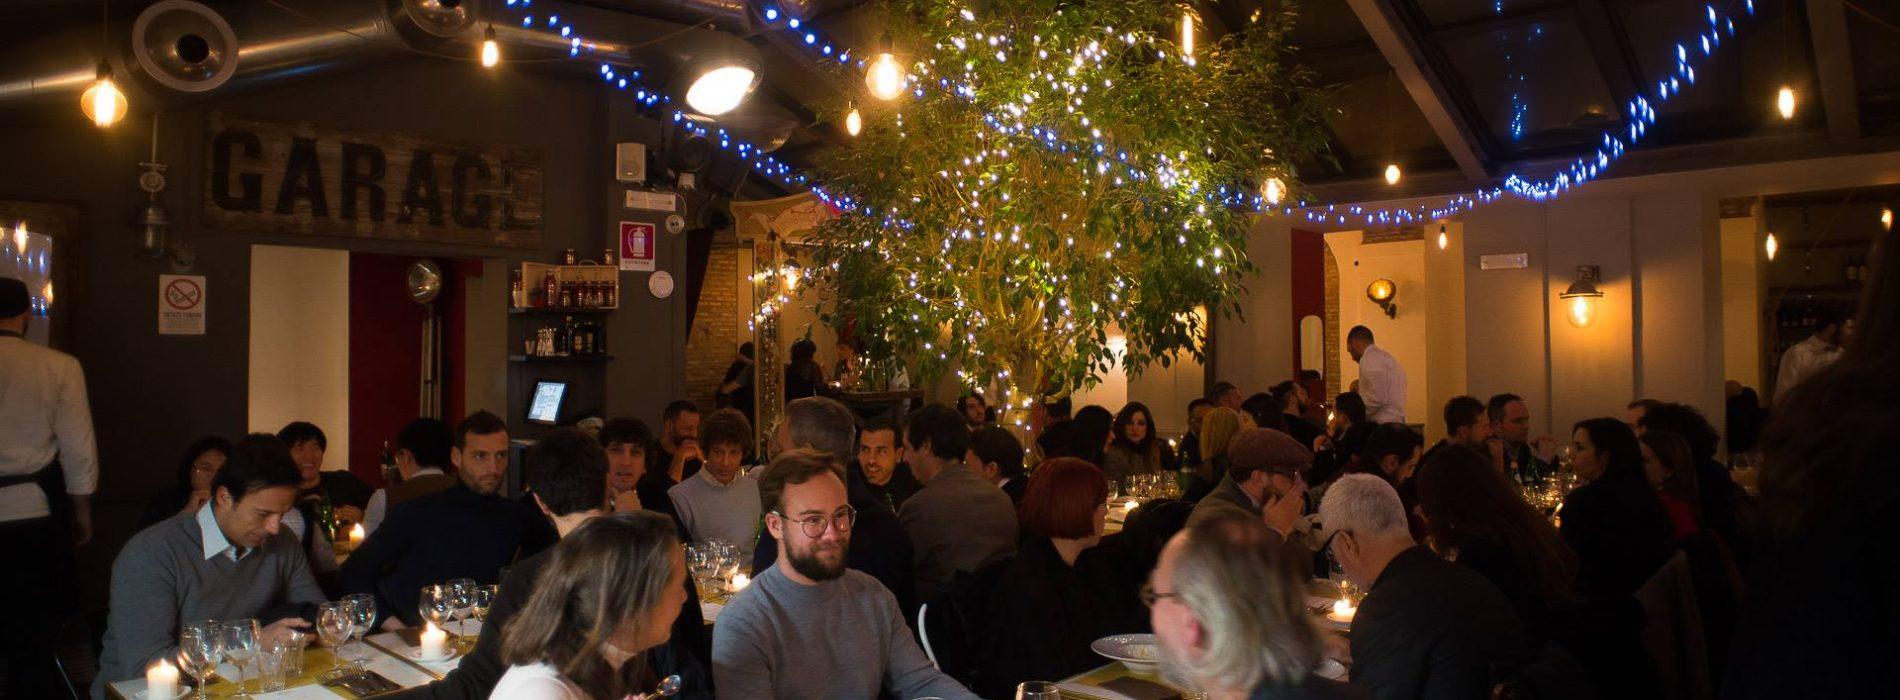 Eventi Roma febbraio 2017: Dandini al Bar del Fico, i formaggi Dicecca alla Santeria